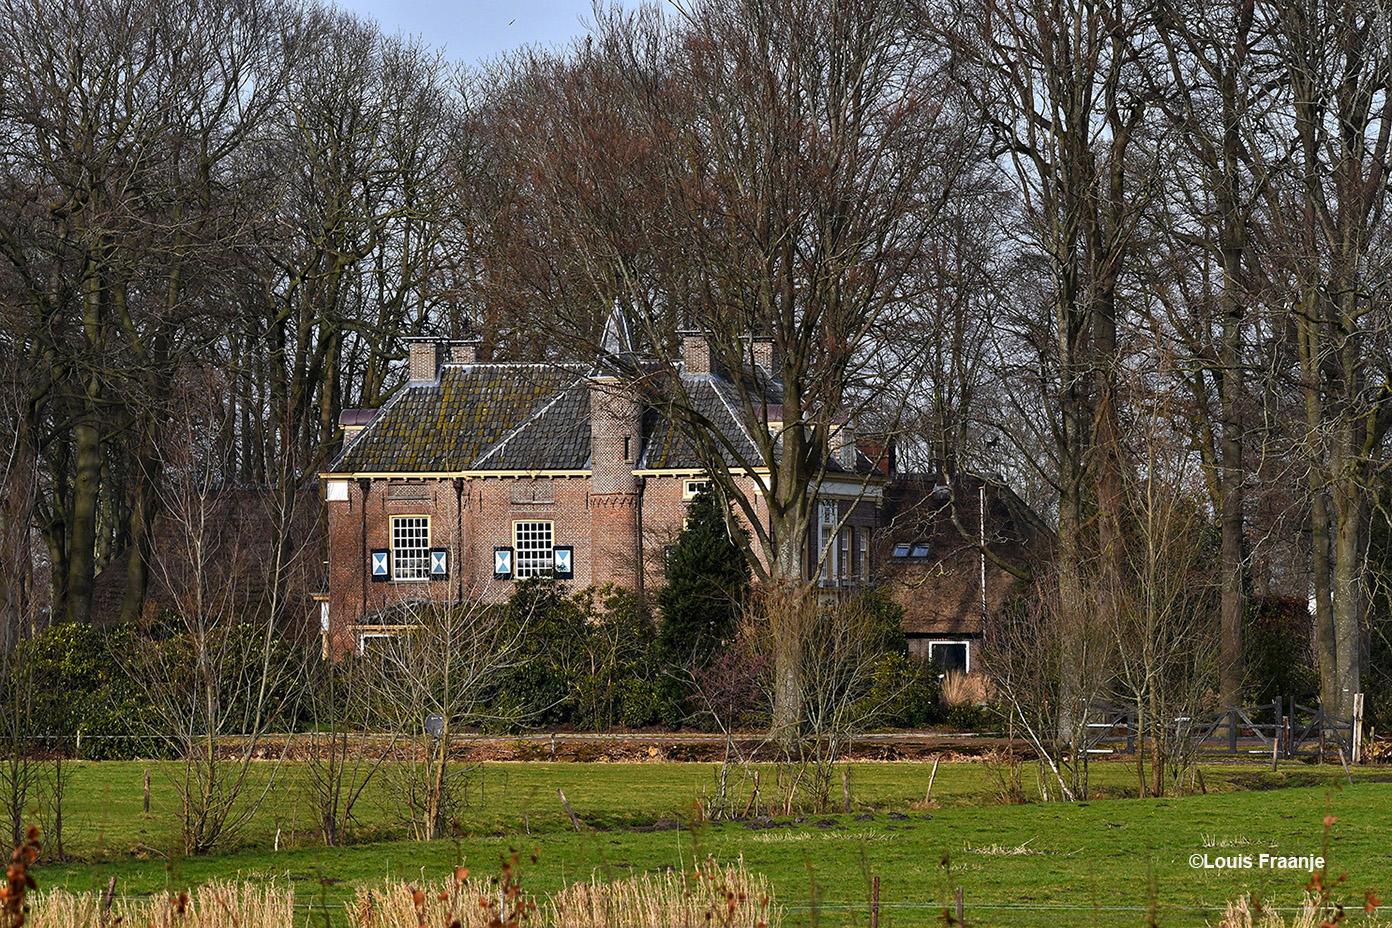 Aan de achterzijde van de begraafplaats kijken we op het Oude Landhuis De Morren - Foto: ©Louis Fraanje